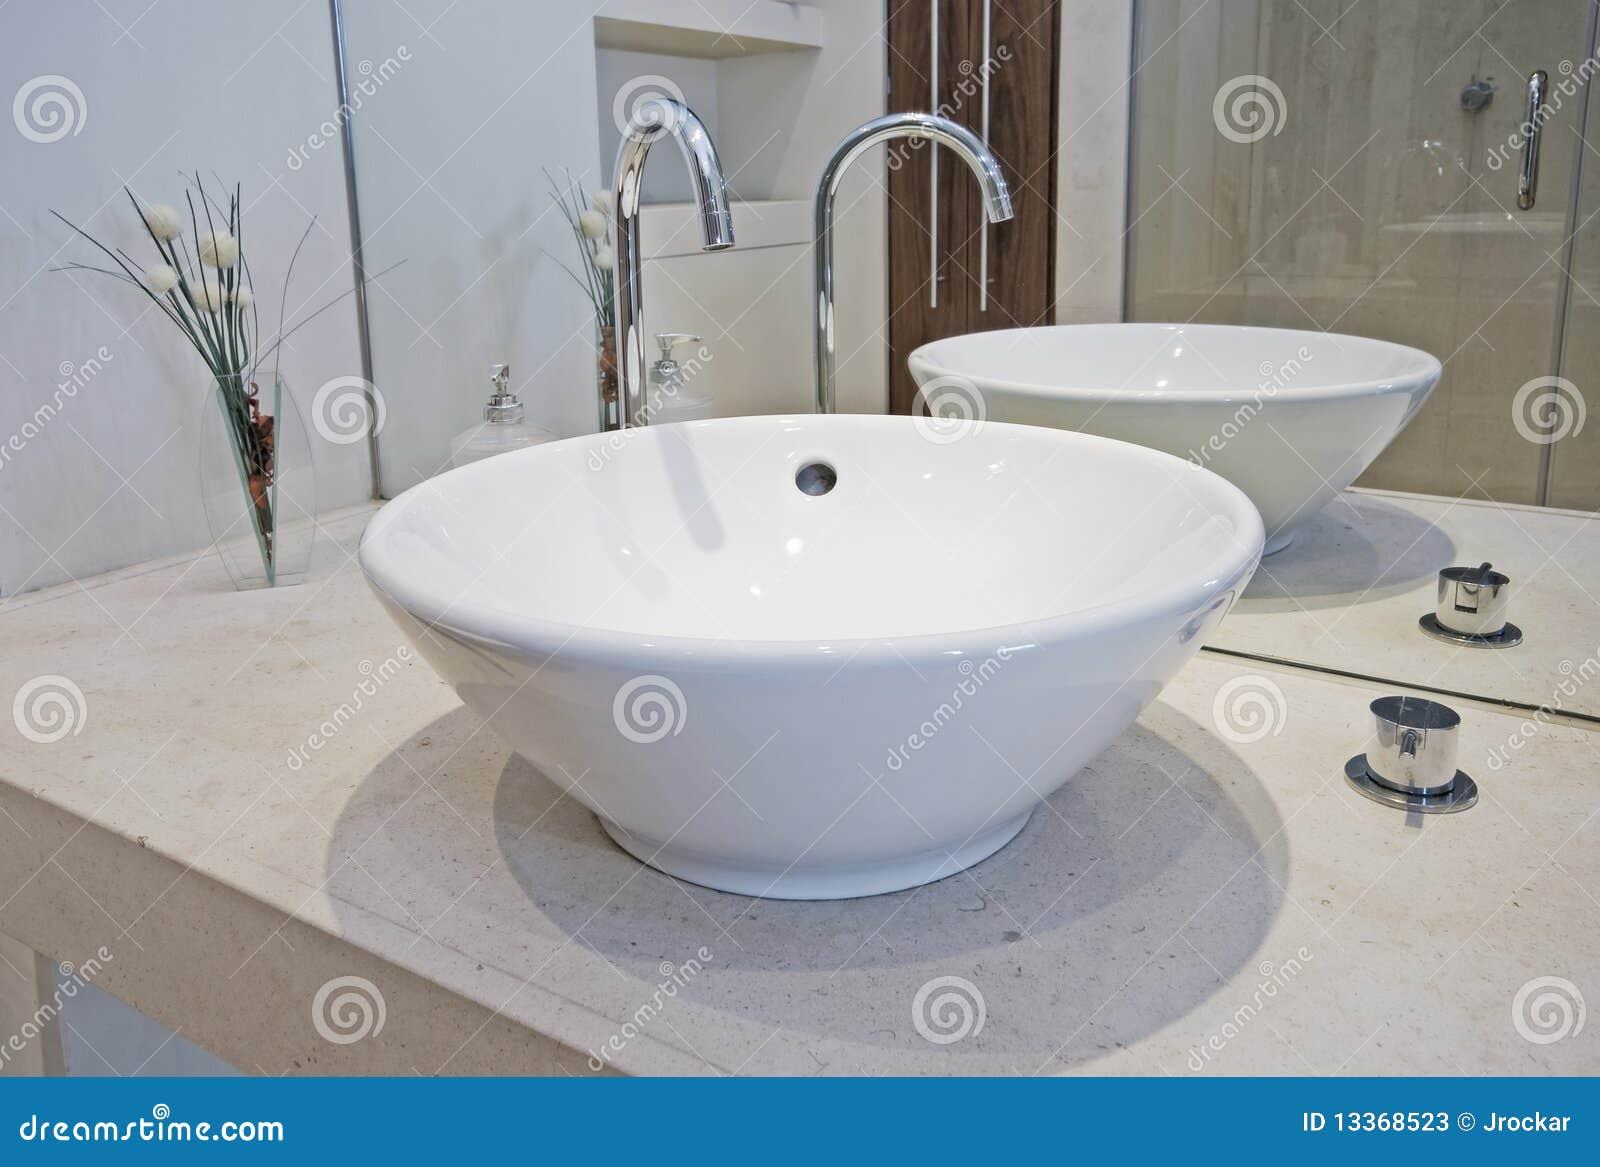 Lavabo de colada de la mano fotos de archivo imagen for Lavabo de manos